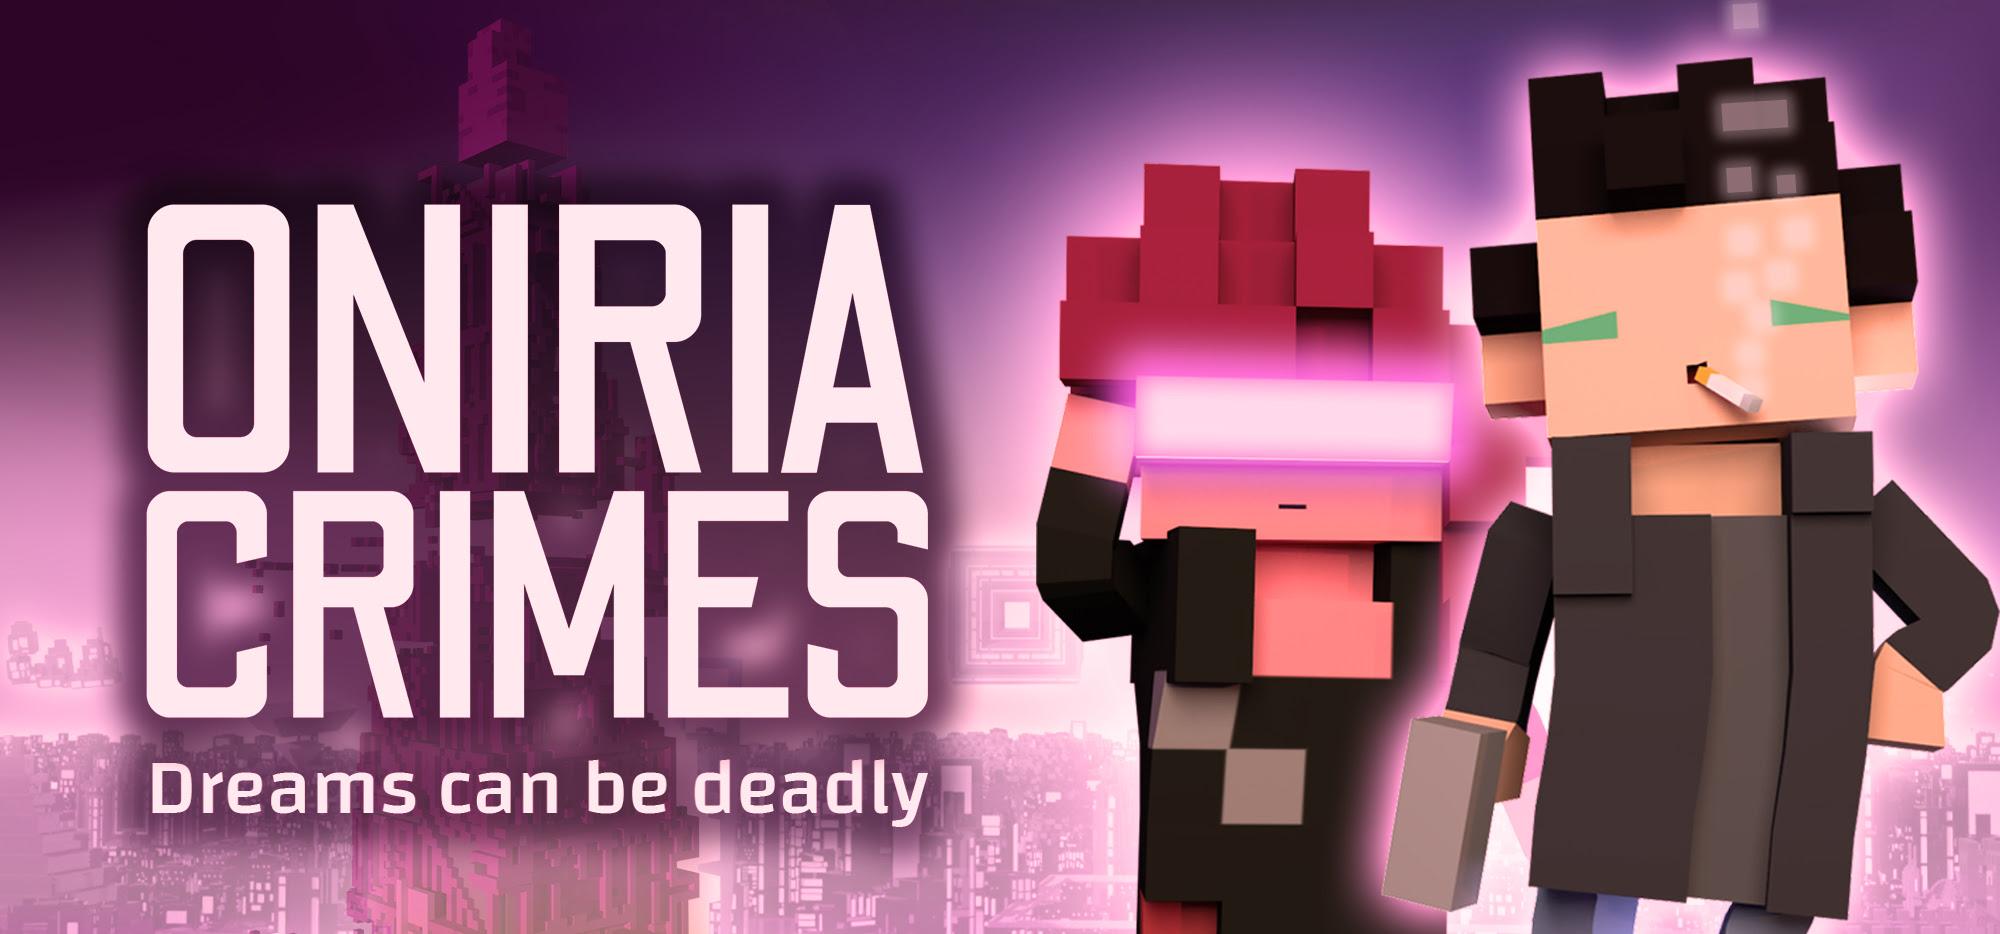 Oniria Crimes llega hoy a PS4, Xbox One, Nintendo Switch y Steam.